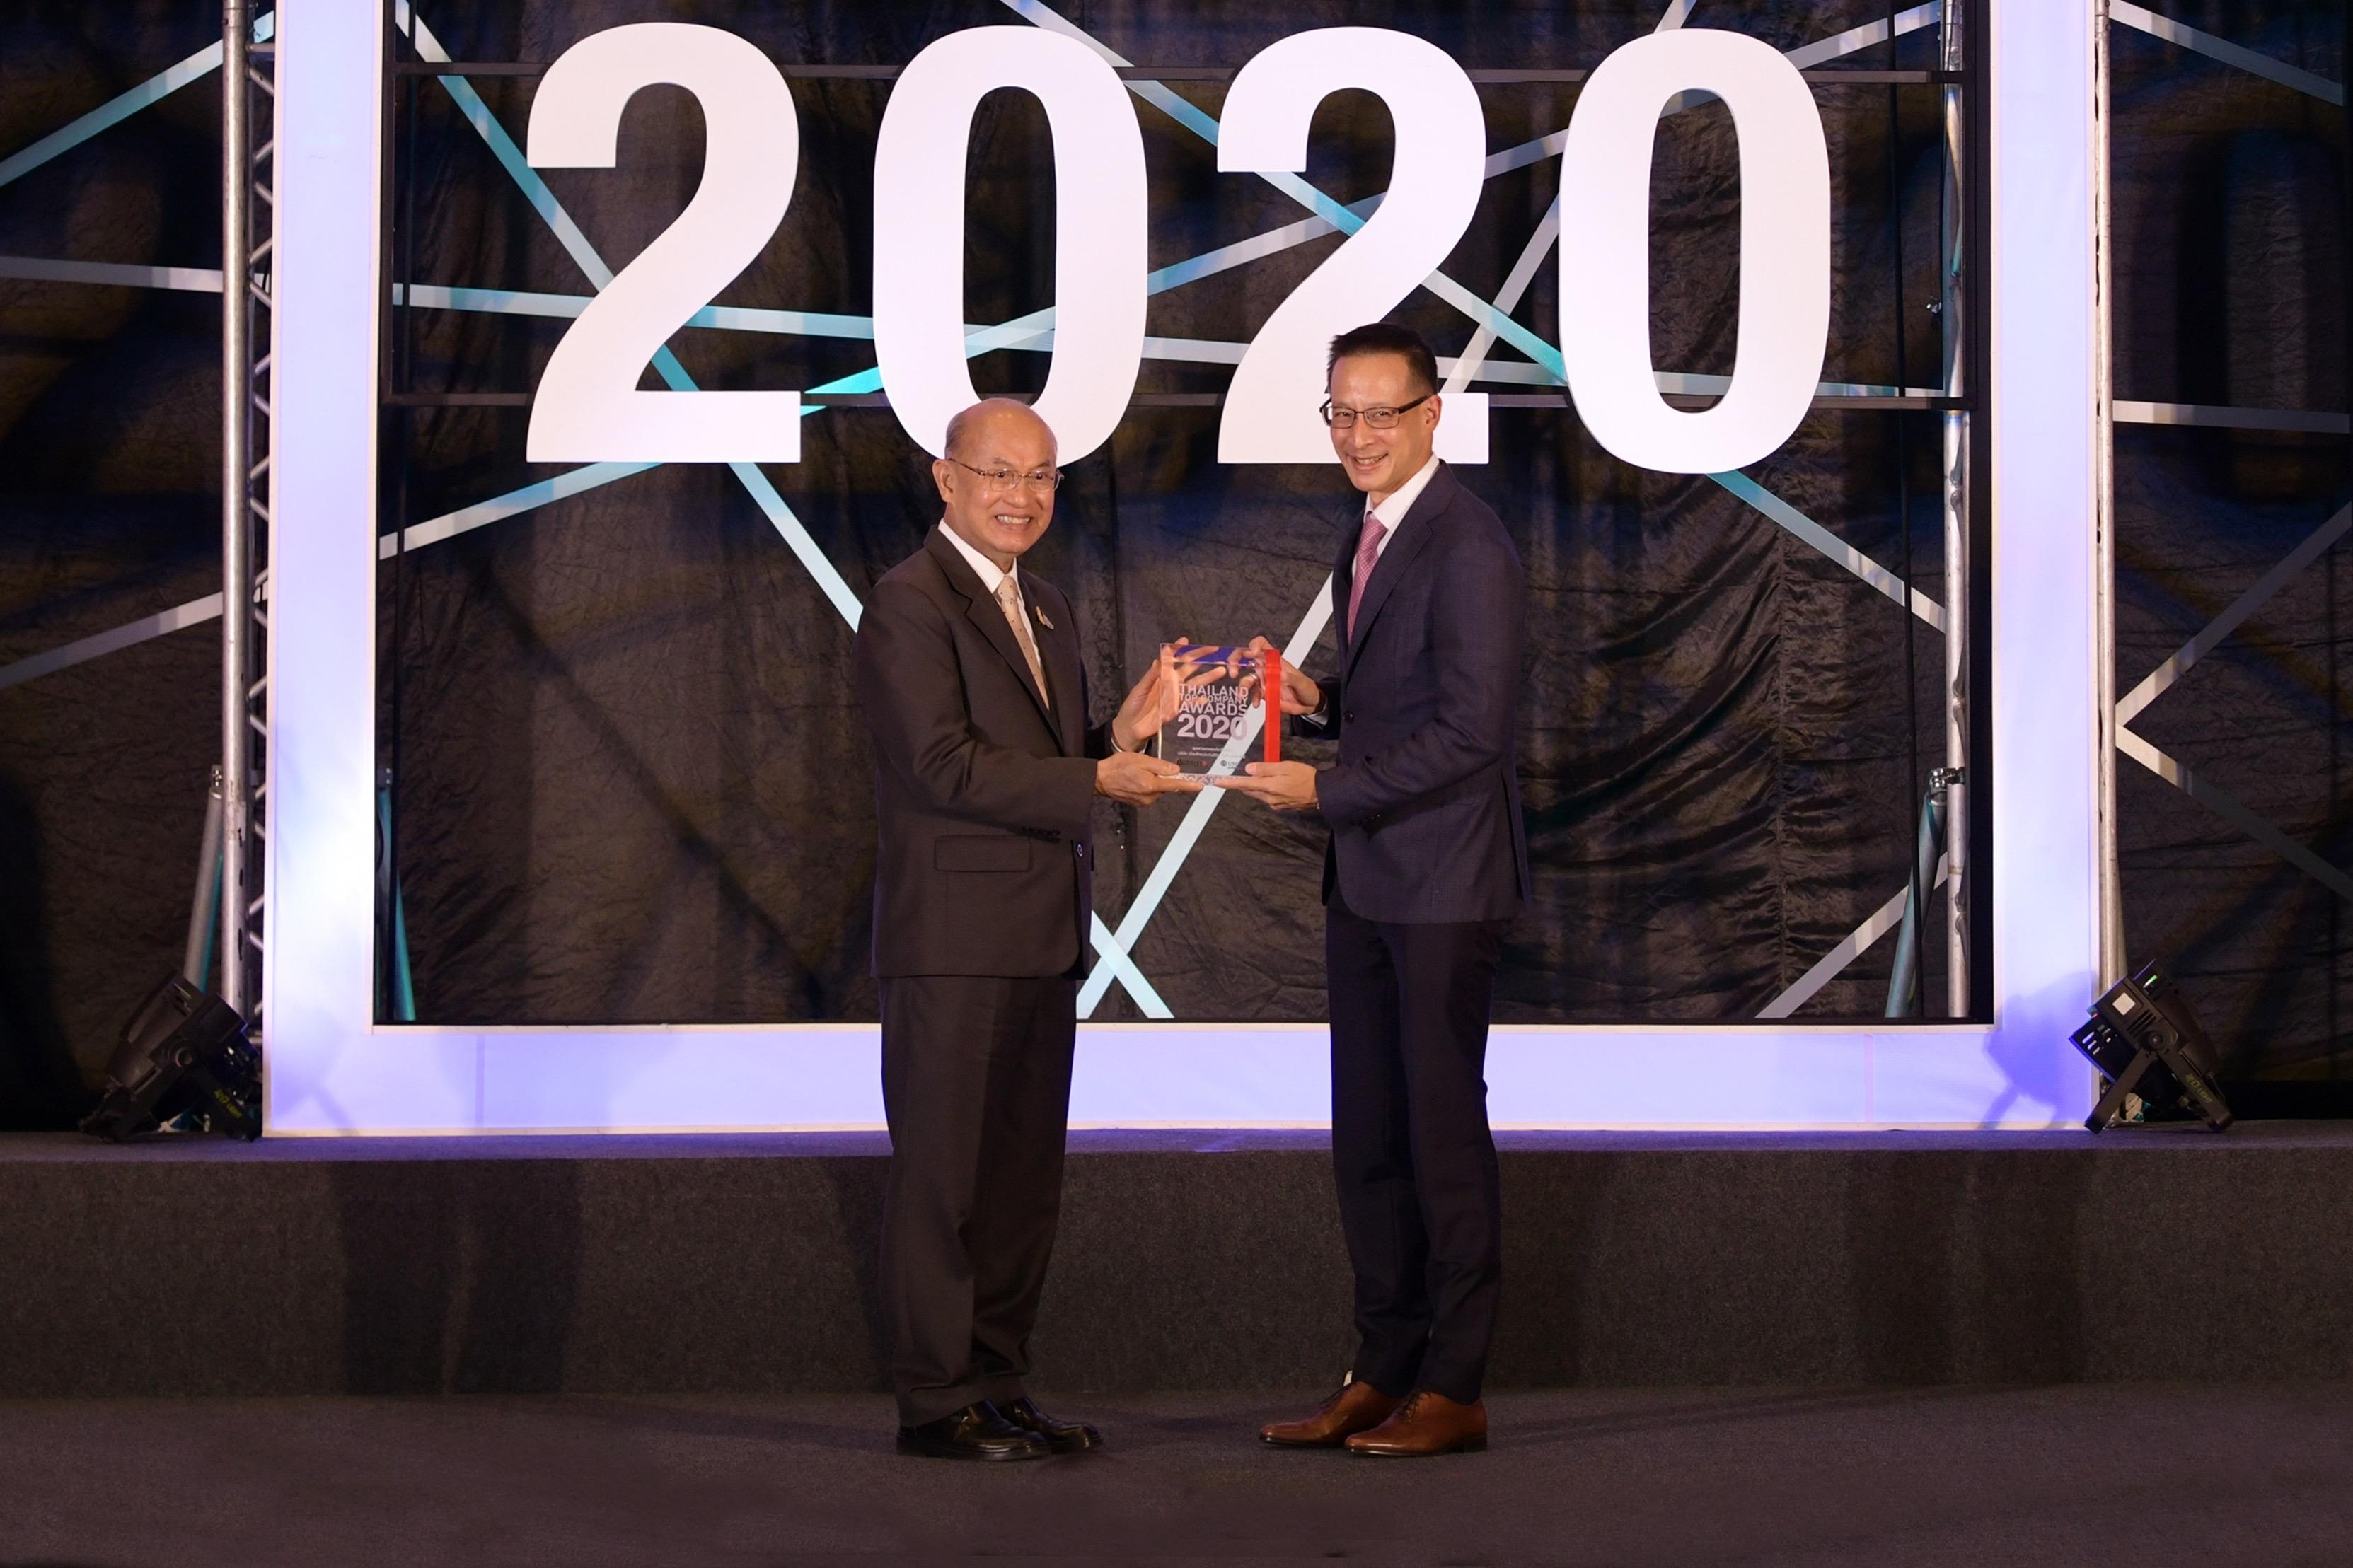 เมืองไทยประกันชีวิต รับรางวัลสุดยอดองค์กรแห่งปี Thailand Top Company Awards 2020